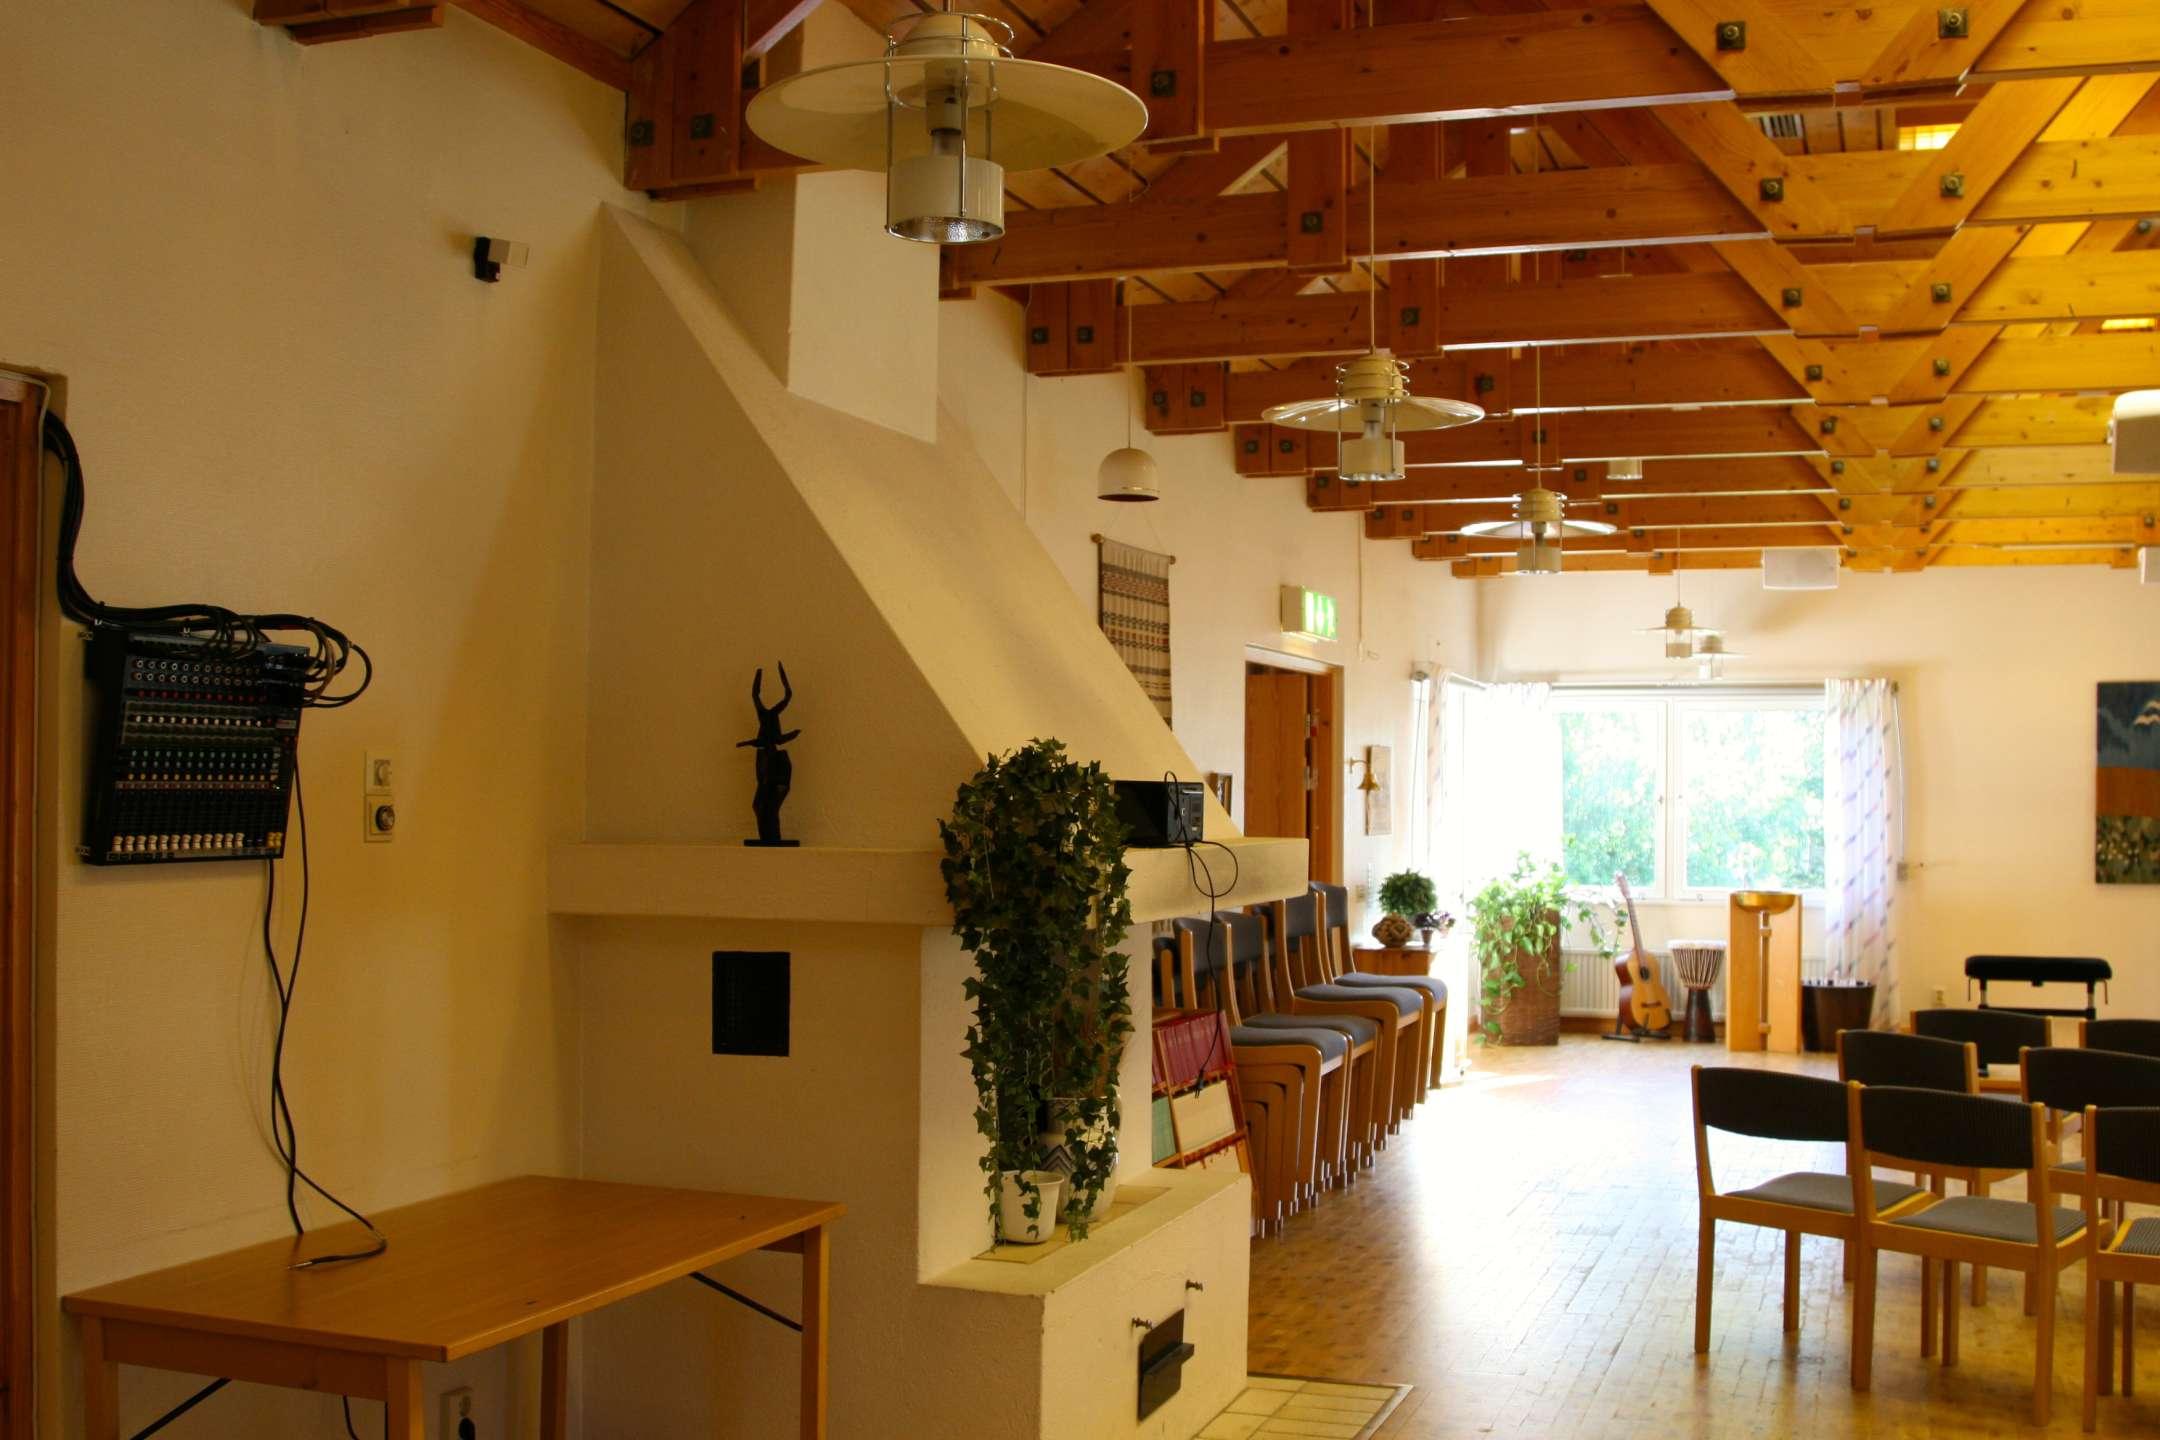 Mixerbordet monteras på vägg. Lätt för kyrkans personal att använda.